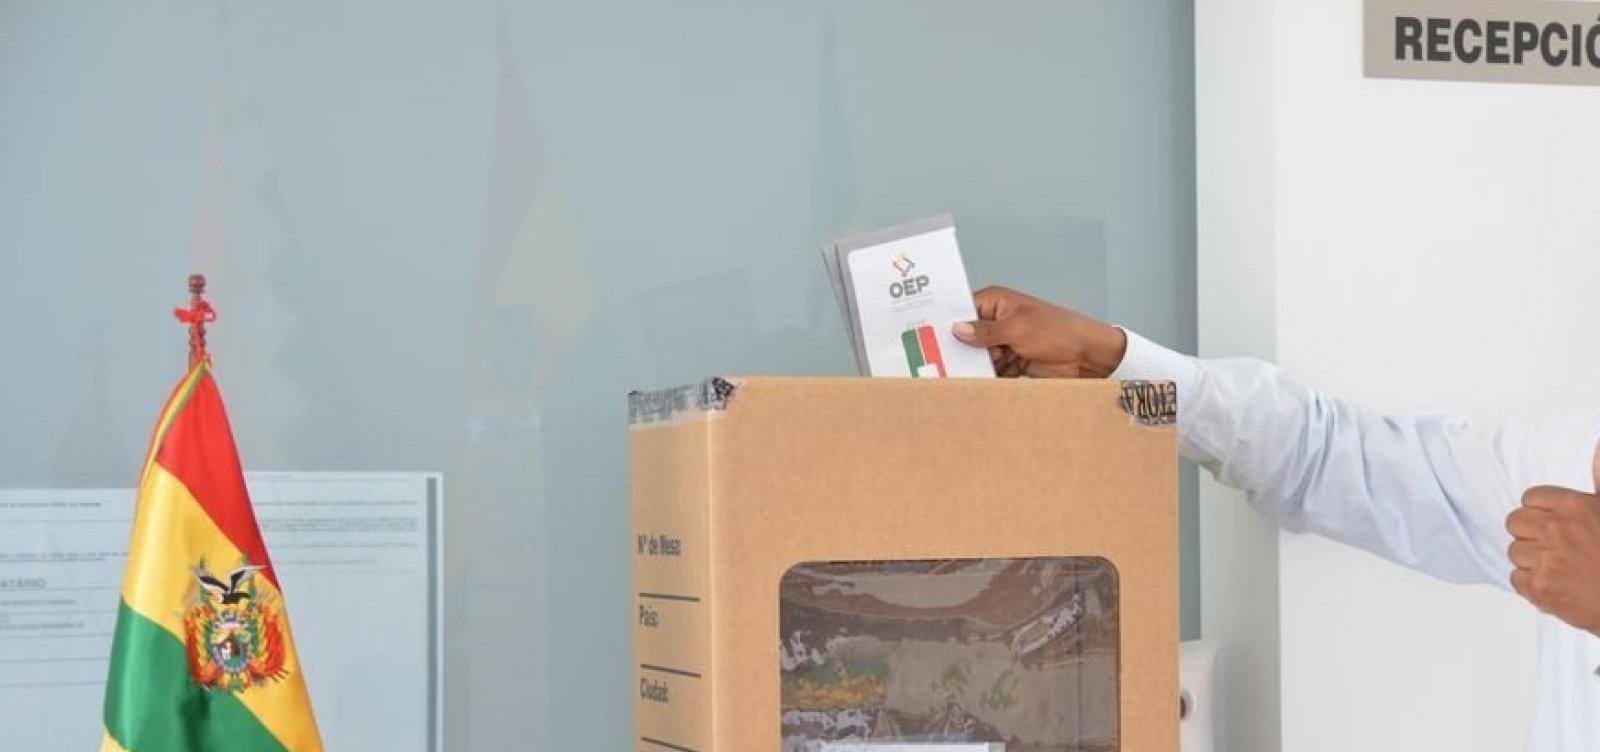 Eleições gerais da Bolívia acontecem neste domingo